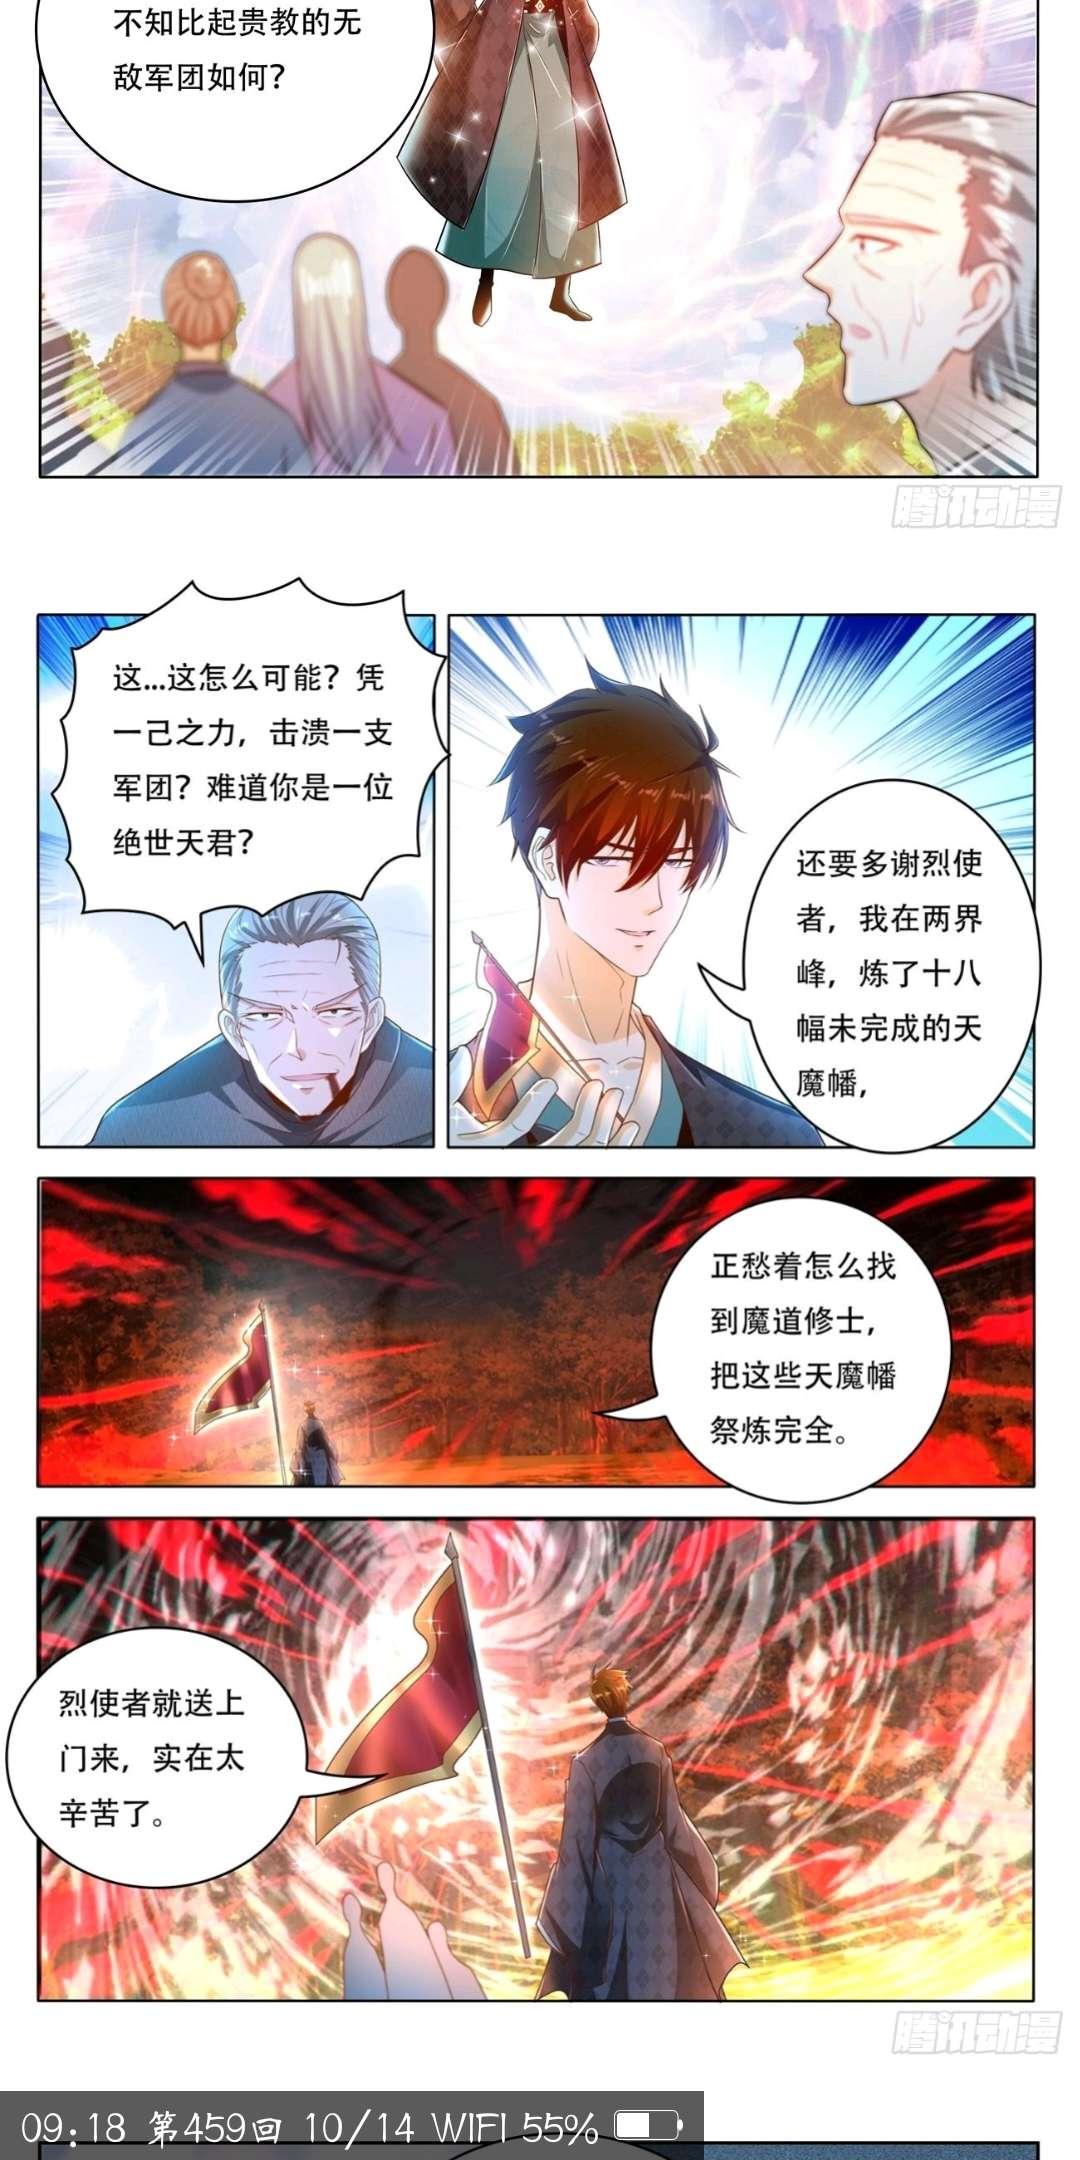 【漫画更新】 重生之都市修仙 第四百七十话